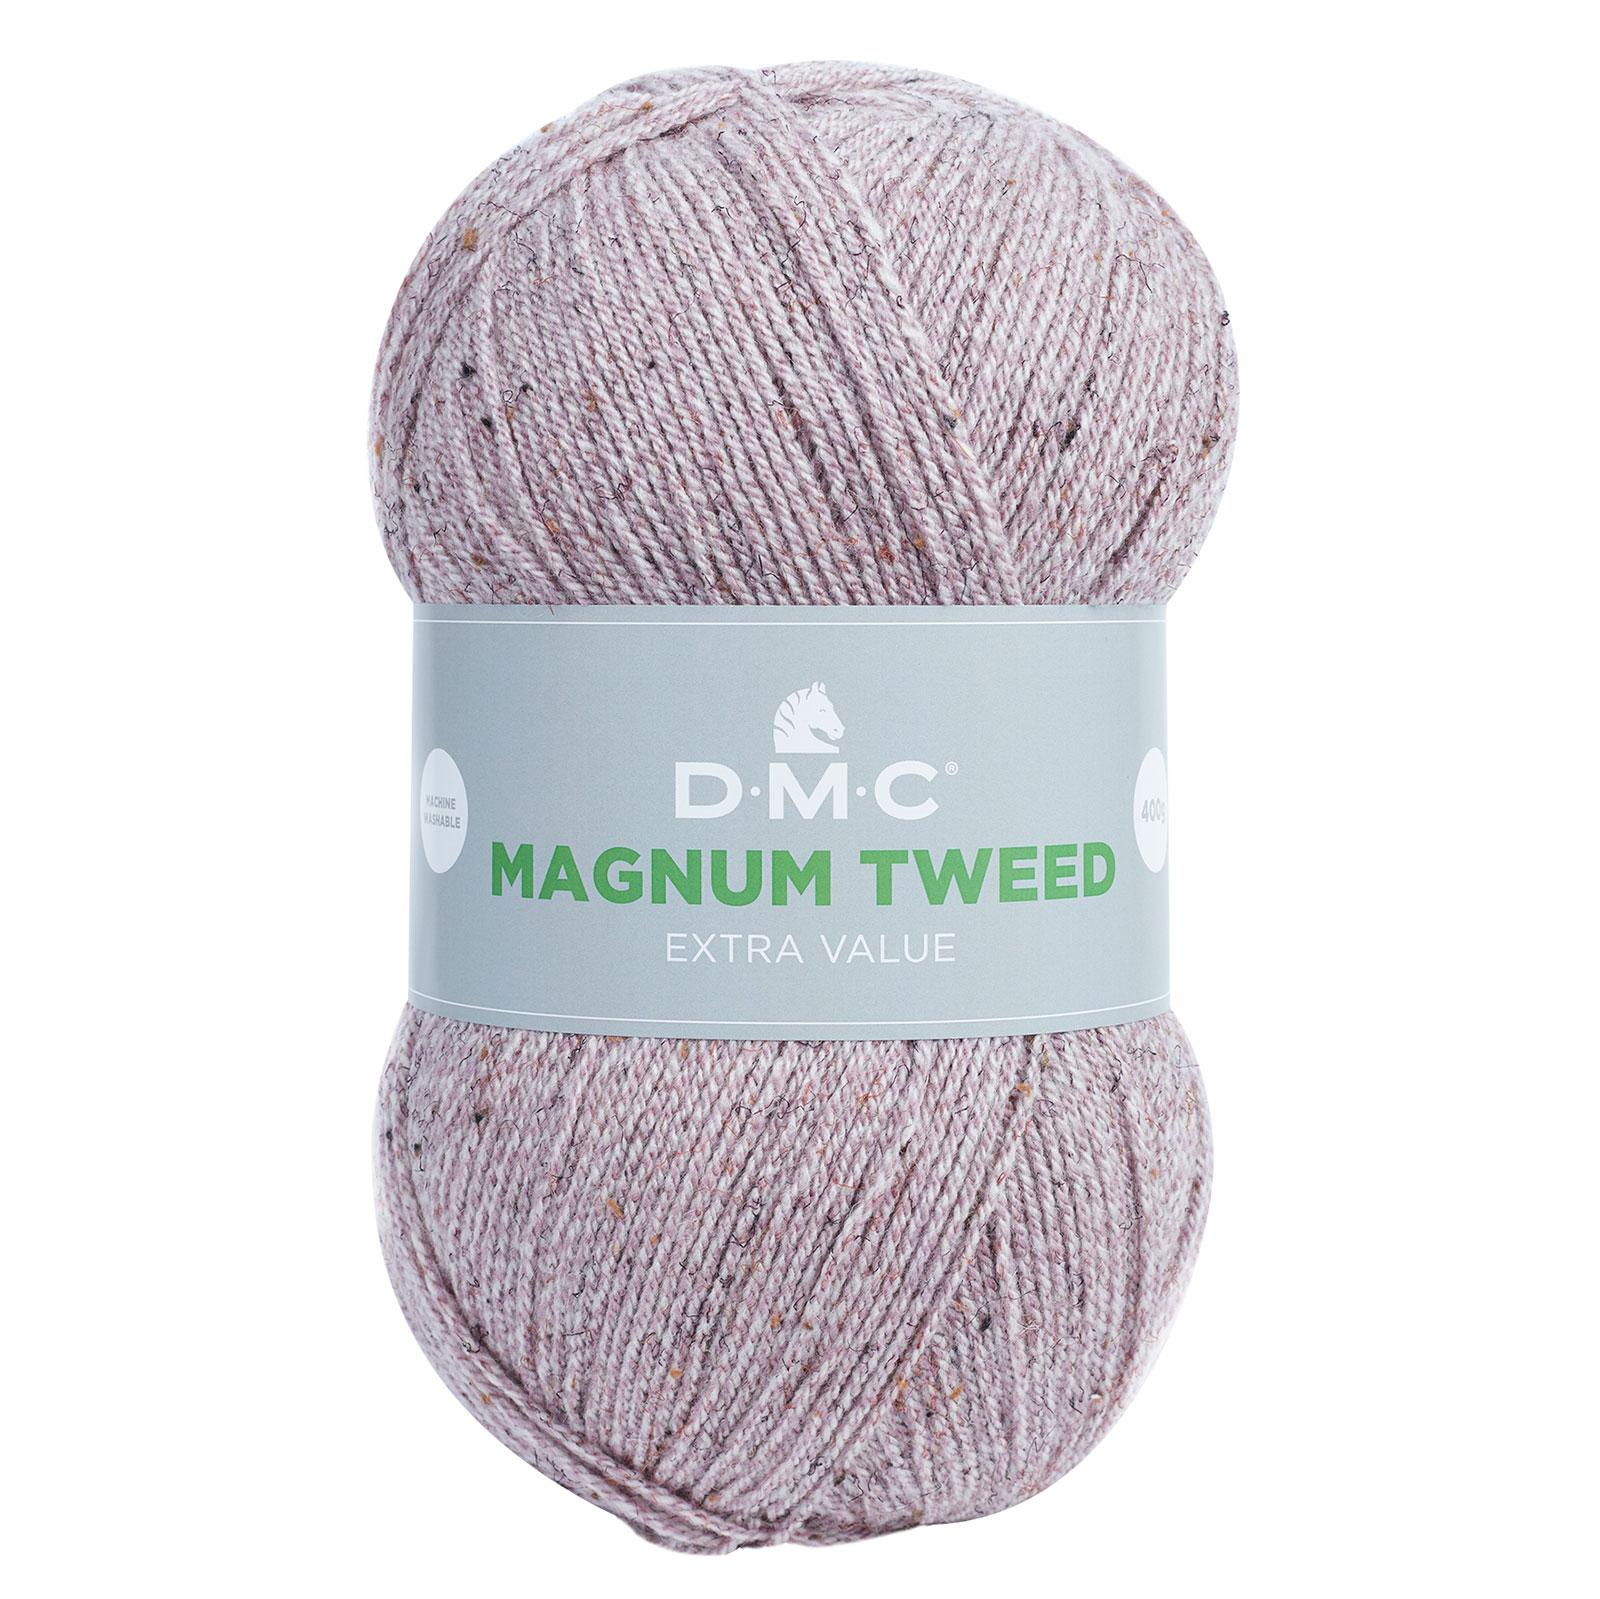 DMC Magnum Tweed – 751